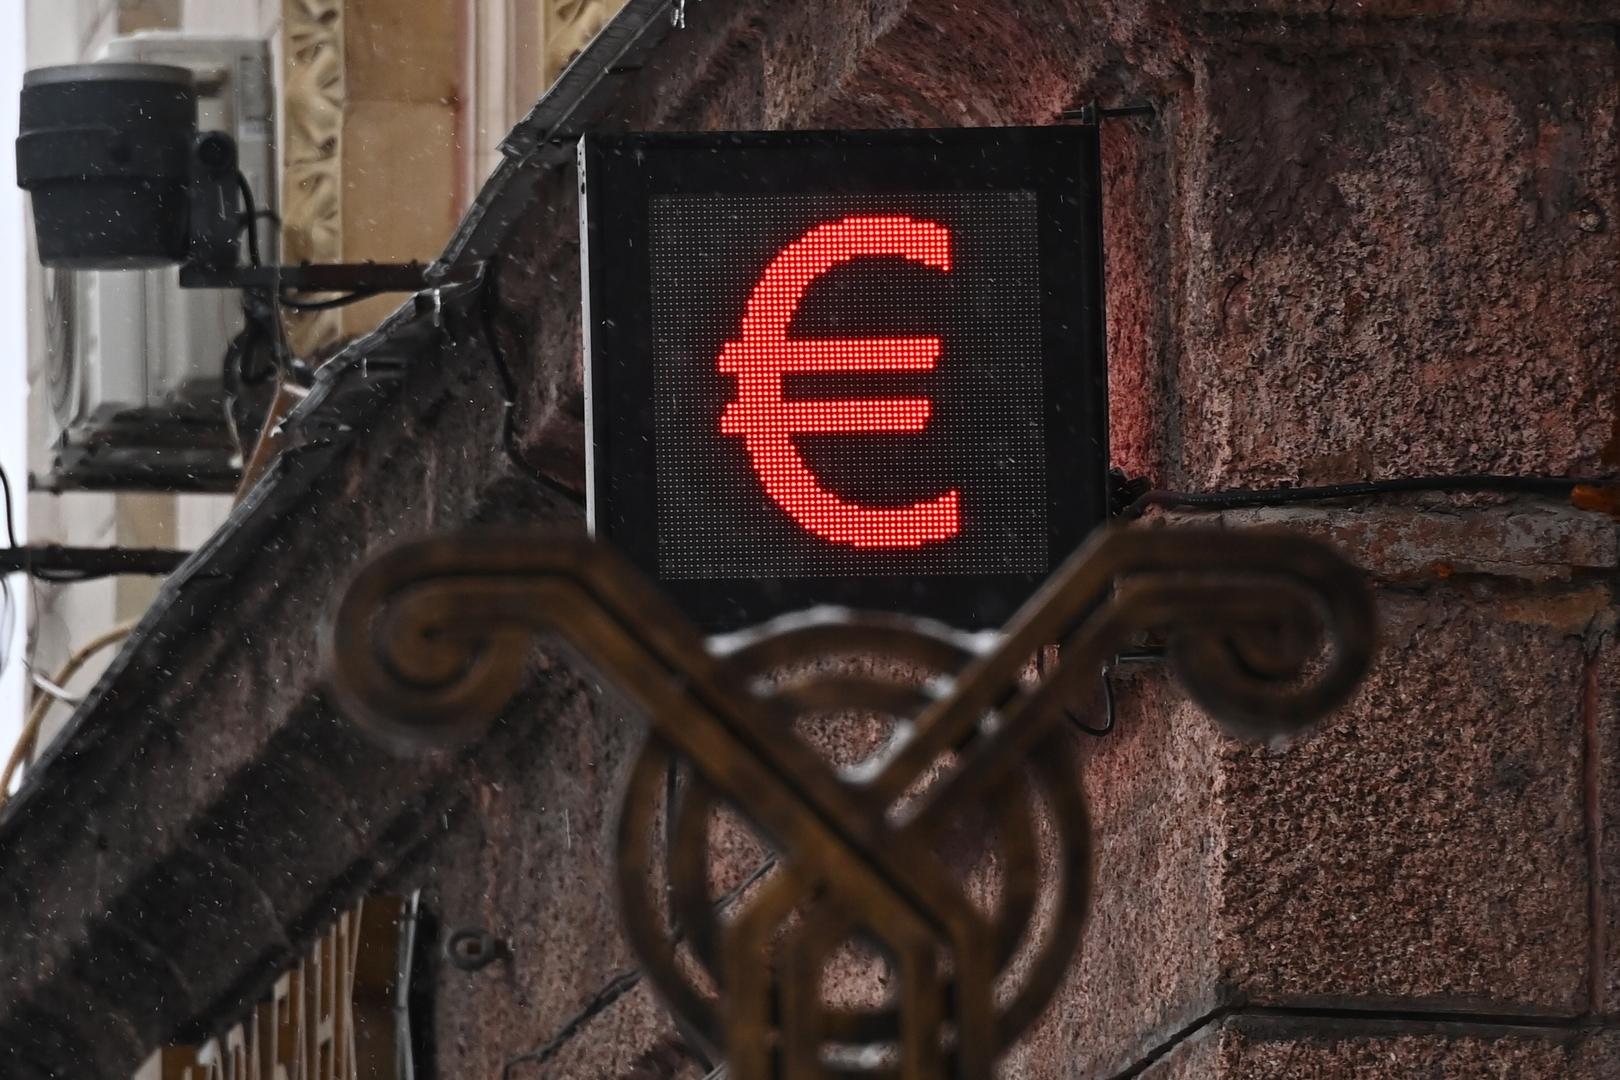 للمرة الأولى منذ سبتمبر الماضي.. اليورو يهبط إلى دون مستوى 88 روبلا